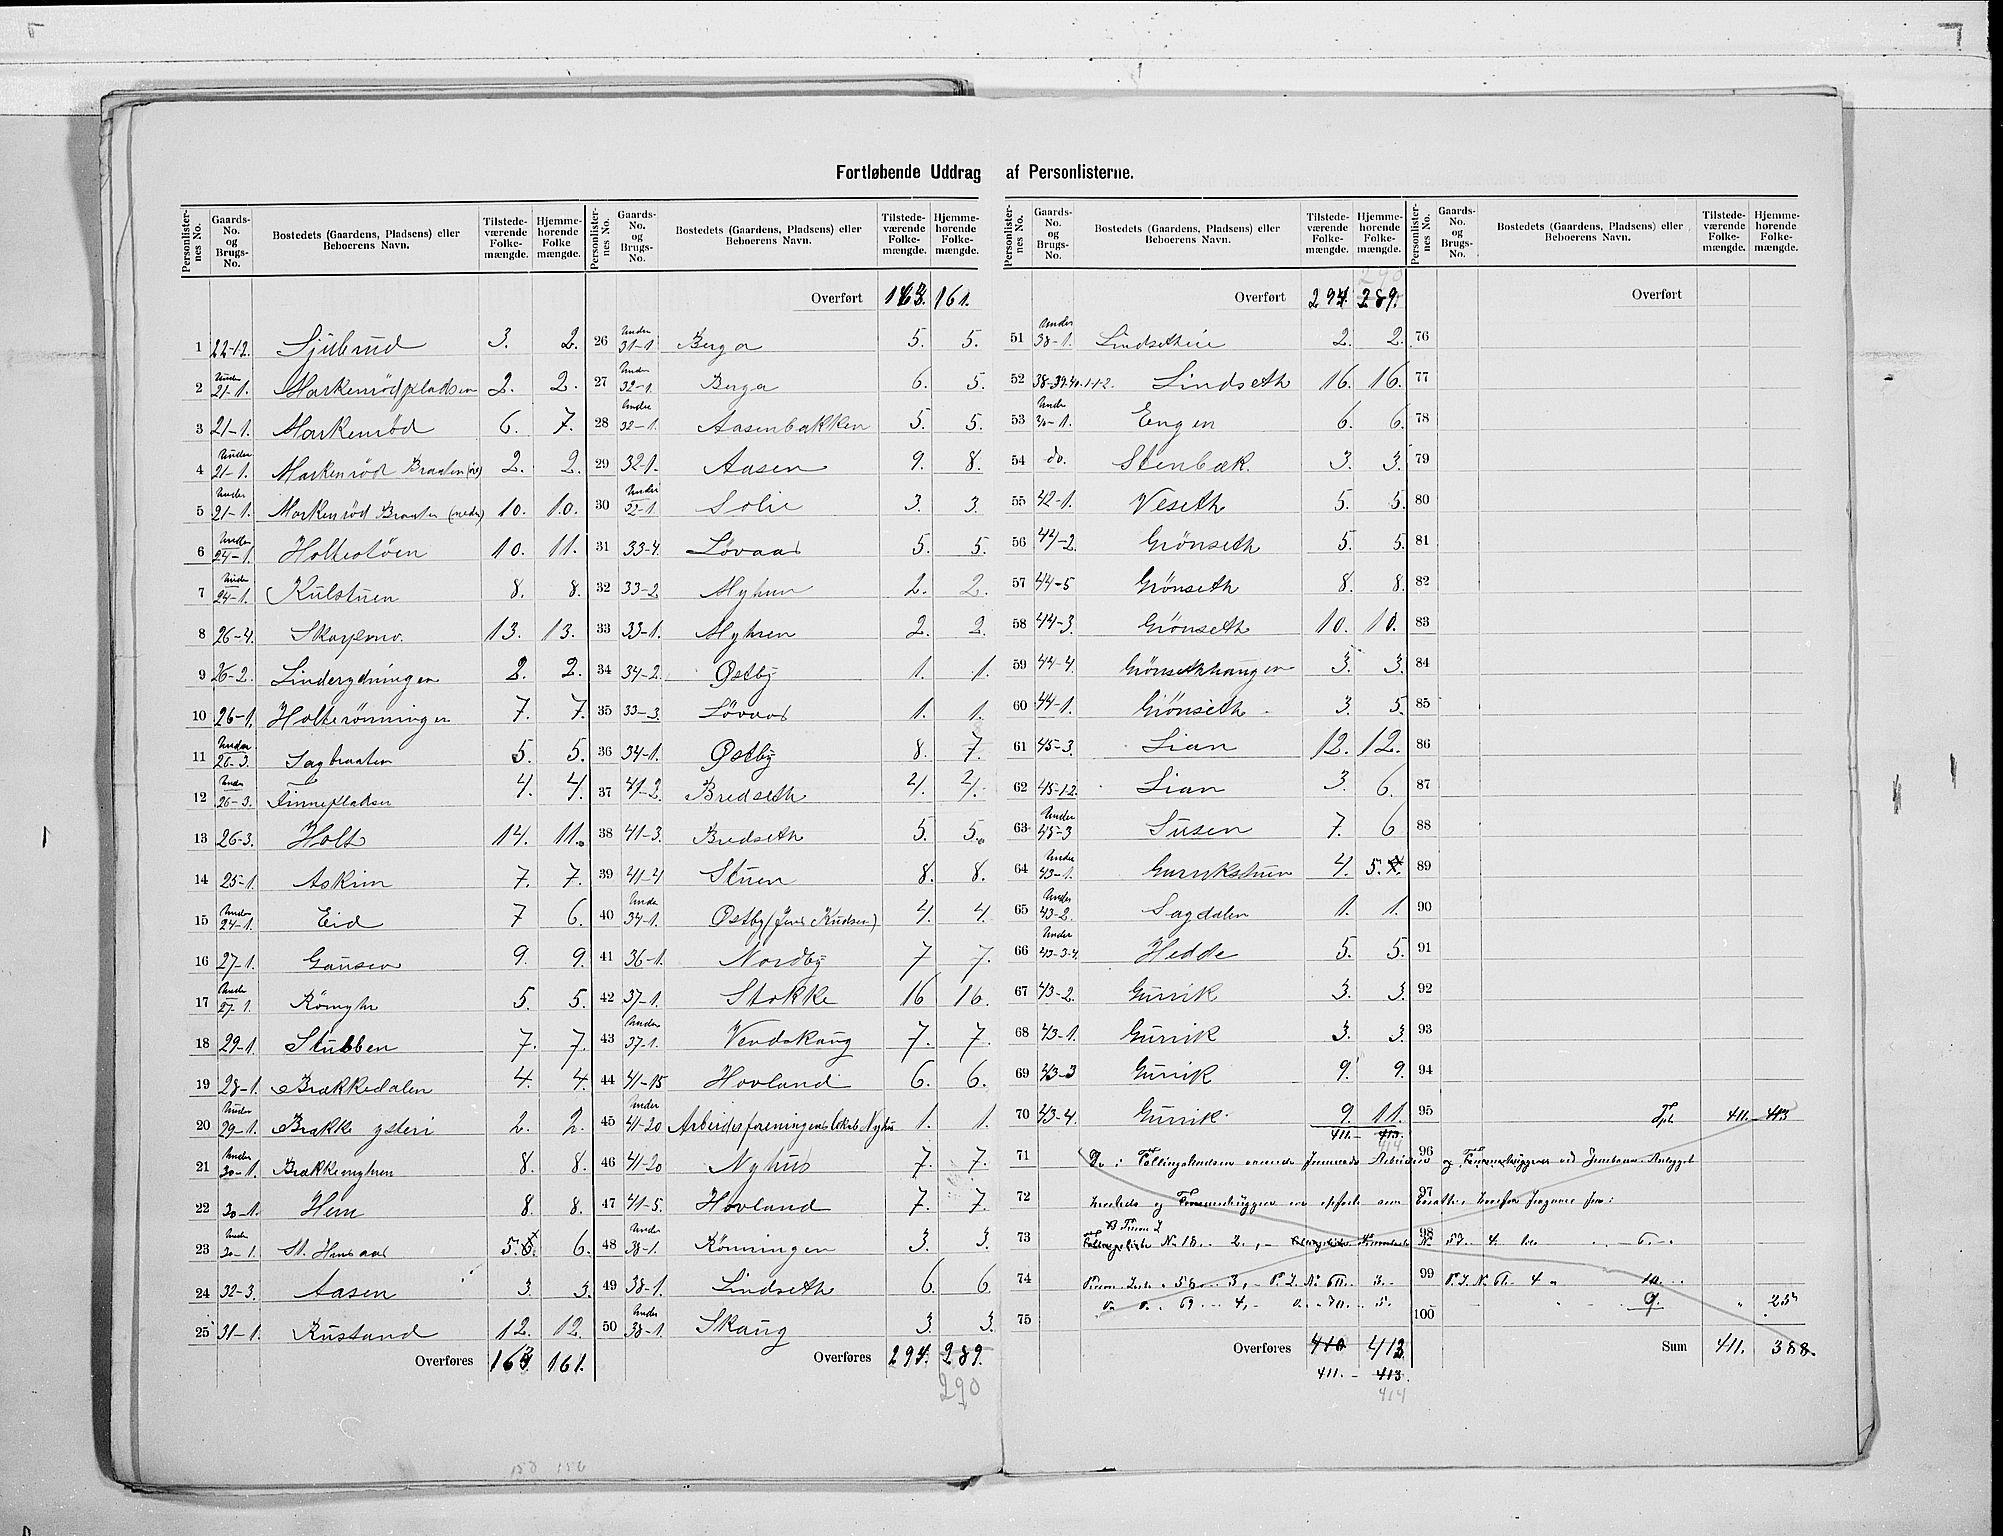 RA, Folketelling 1900 for 0714 Hof herred, 1900, s. 11